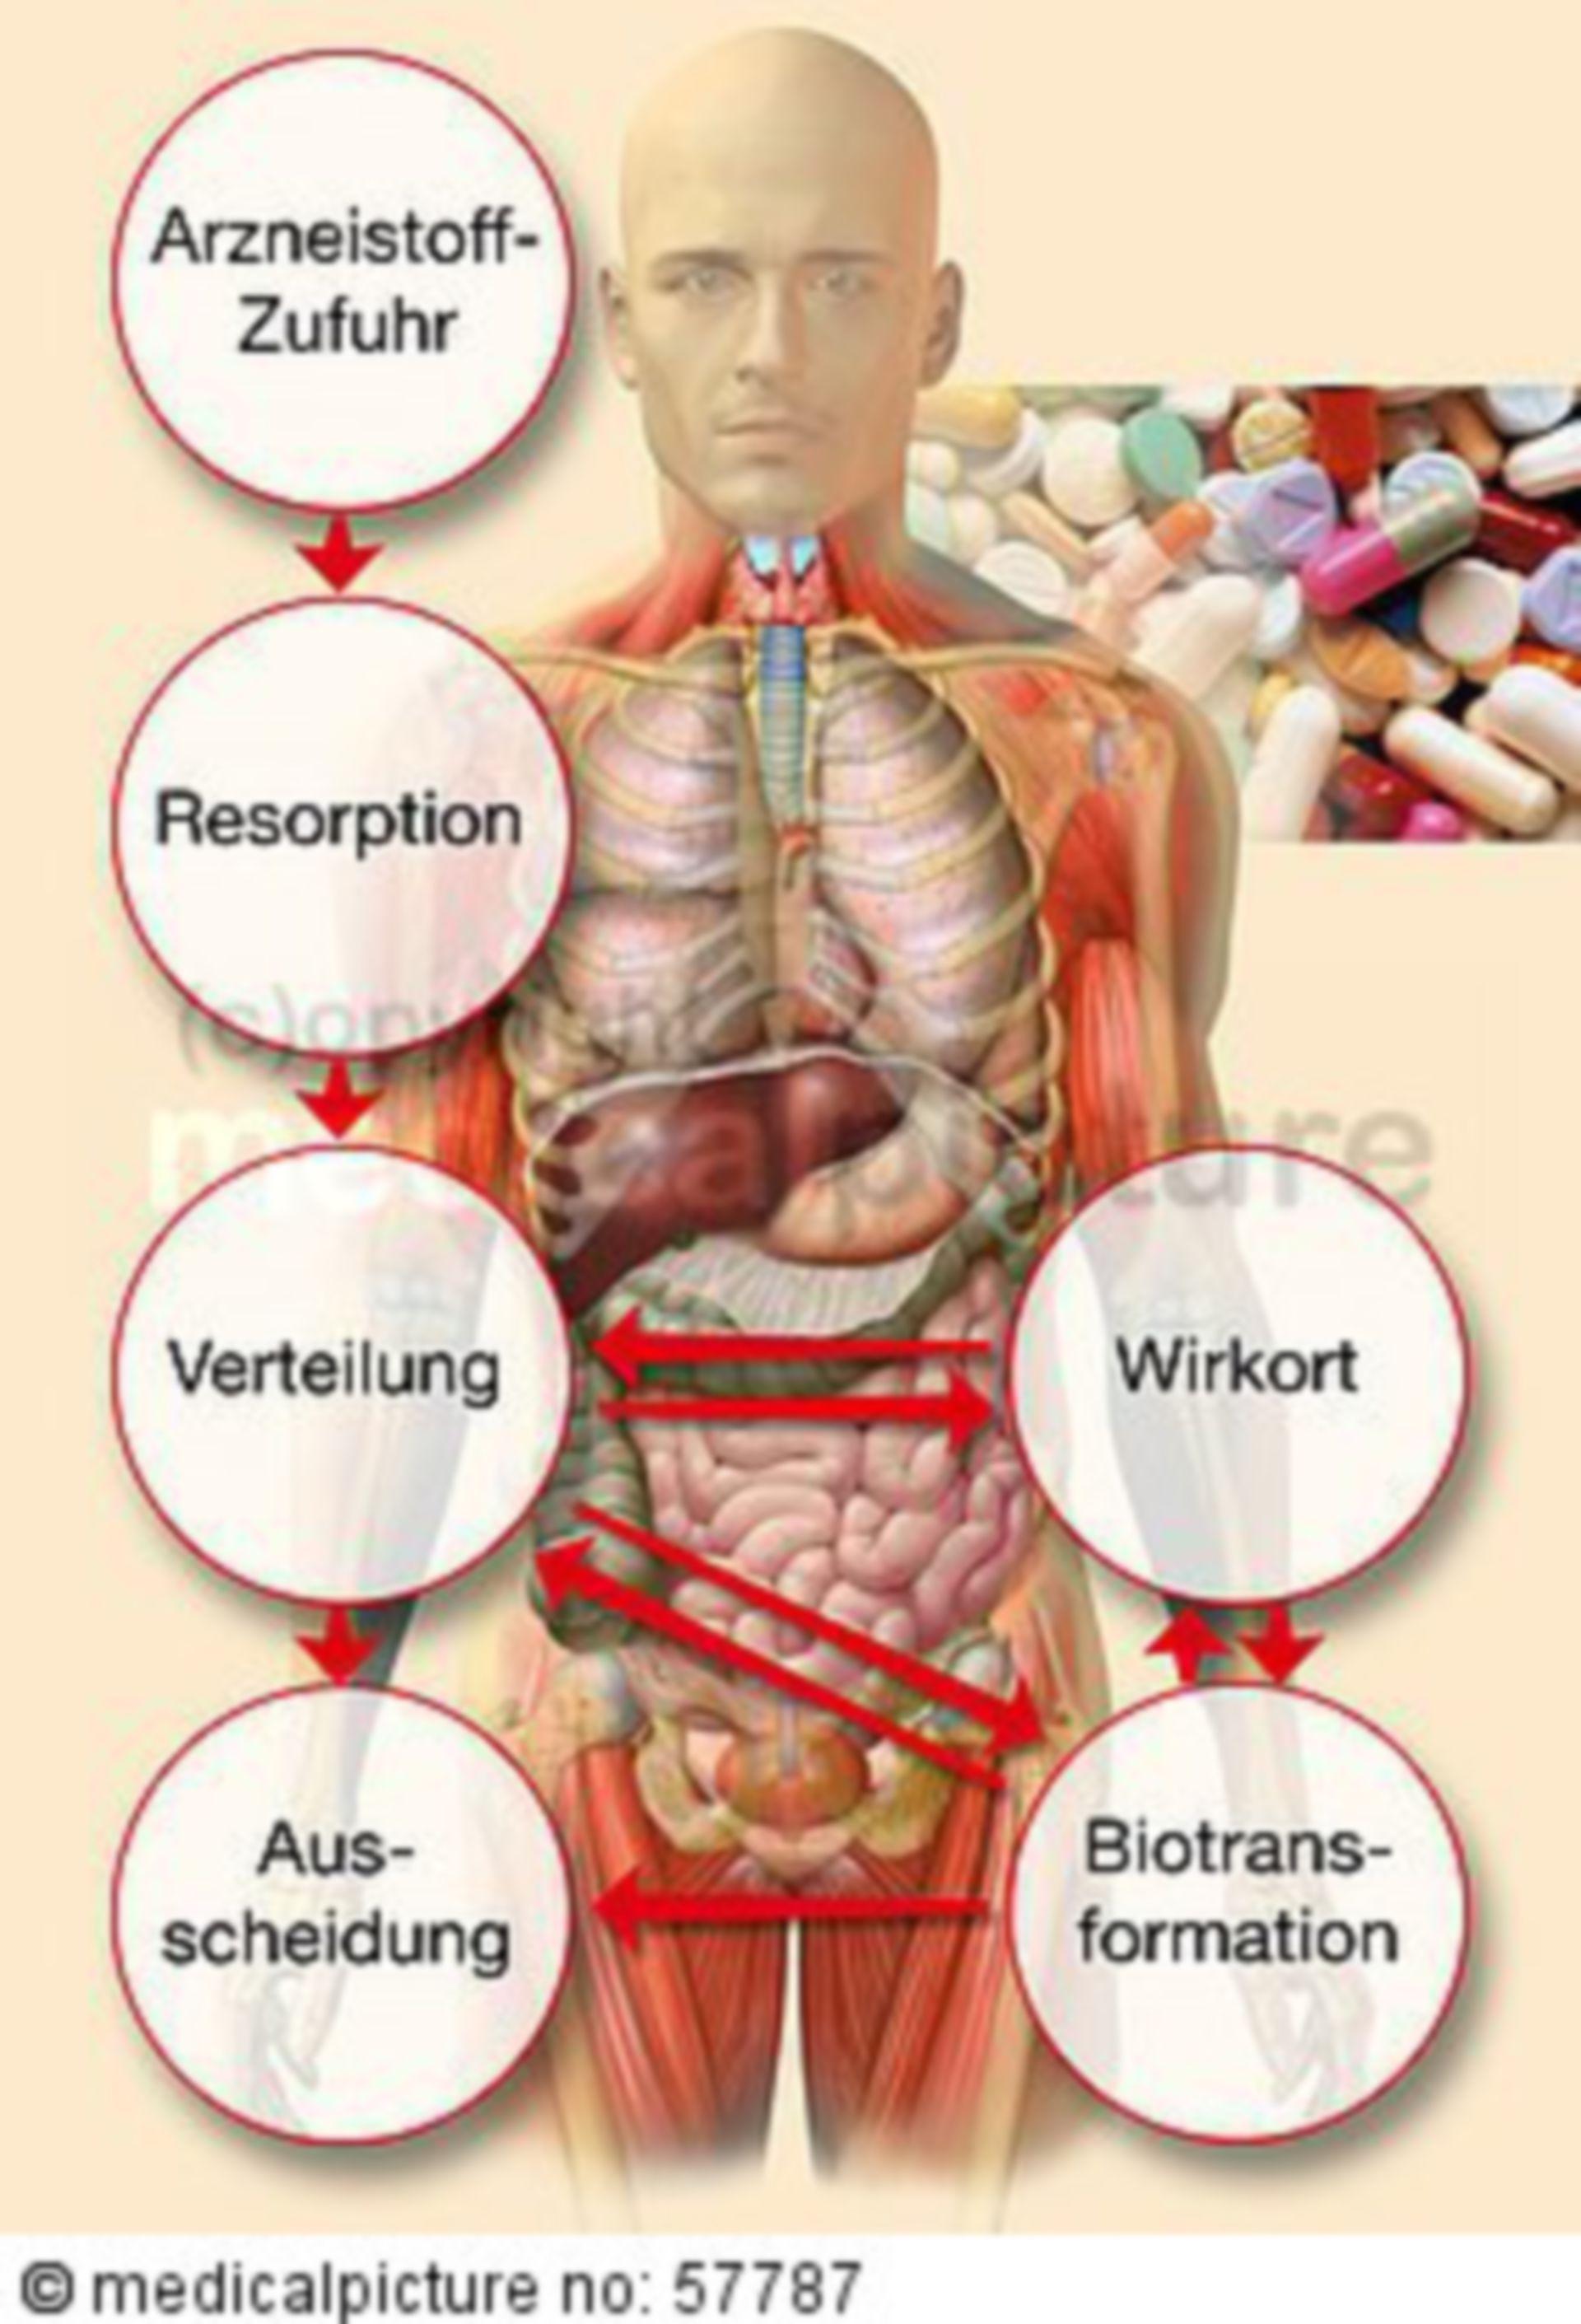 Processing of a medicament